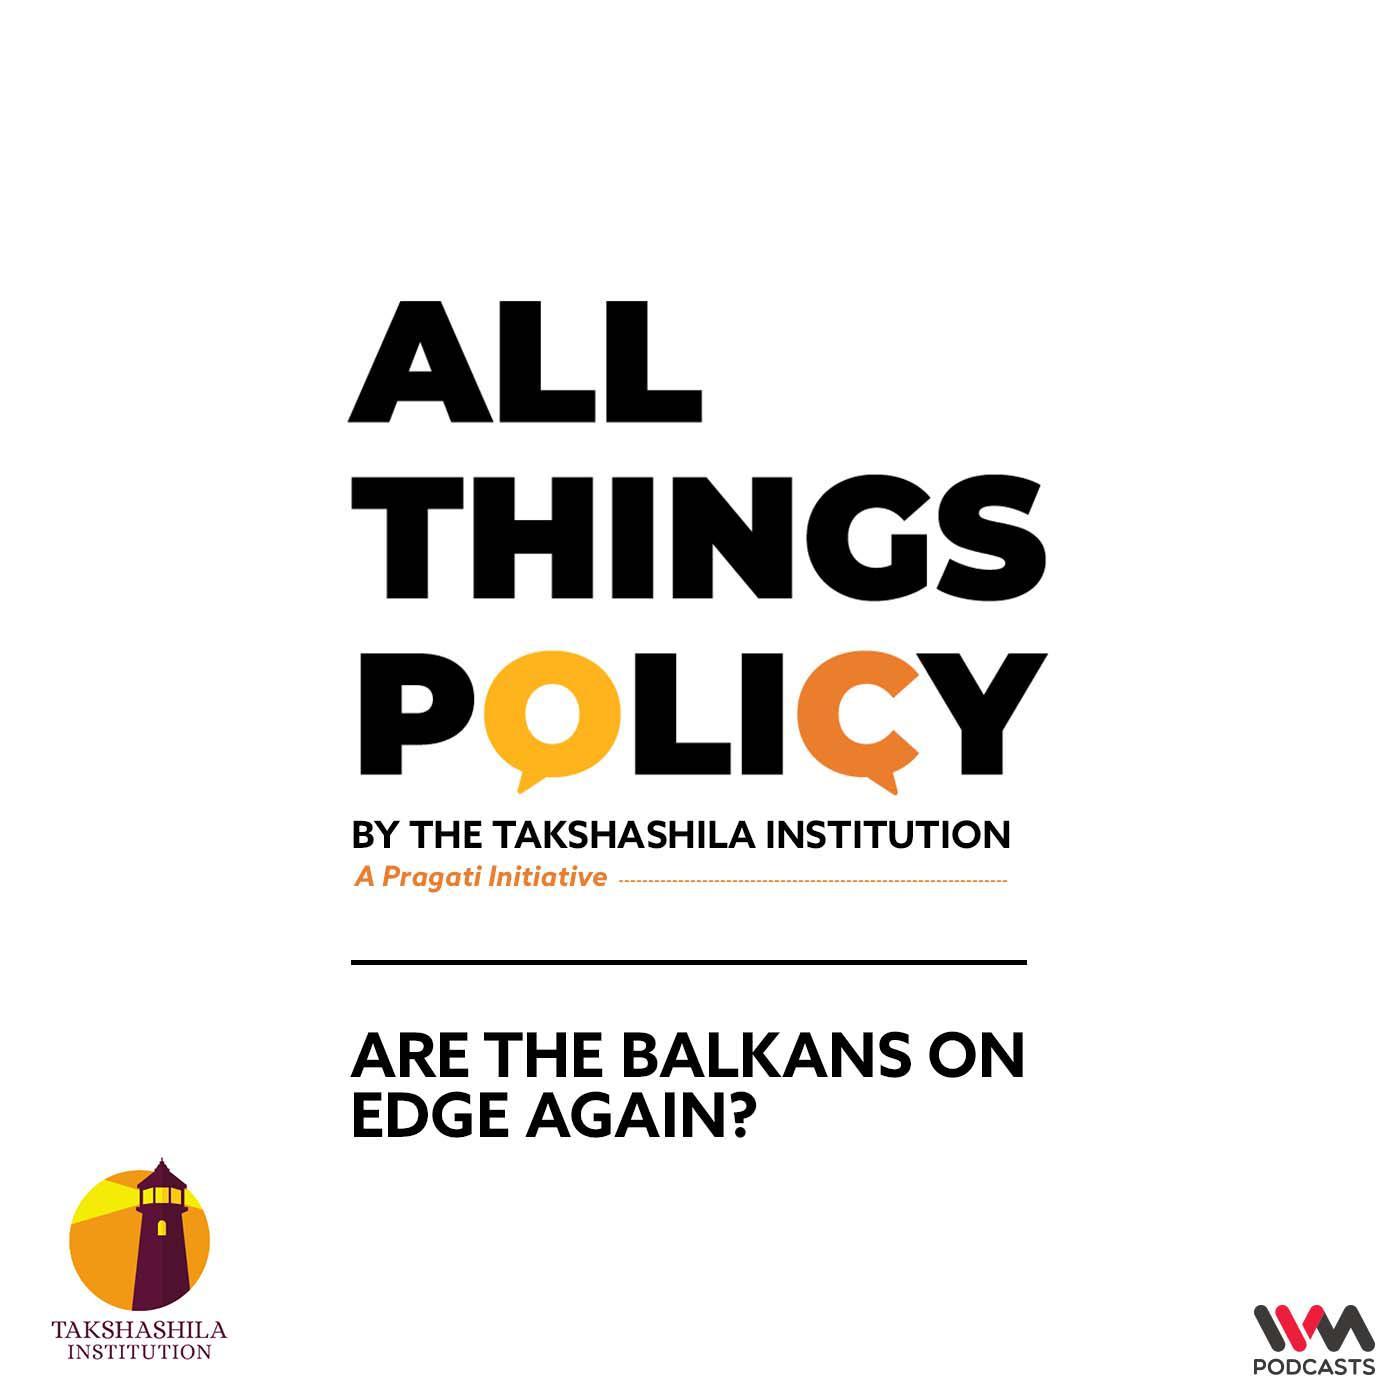 Are the Balkans on Edge Again?